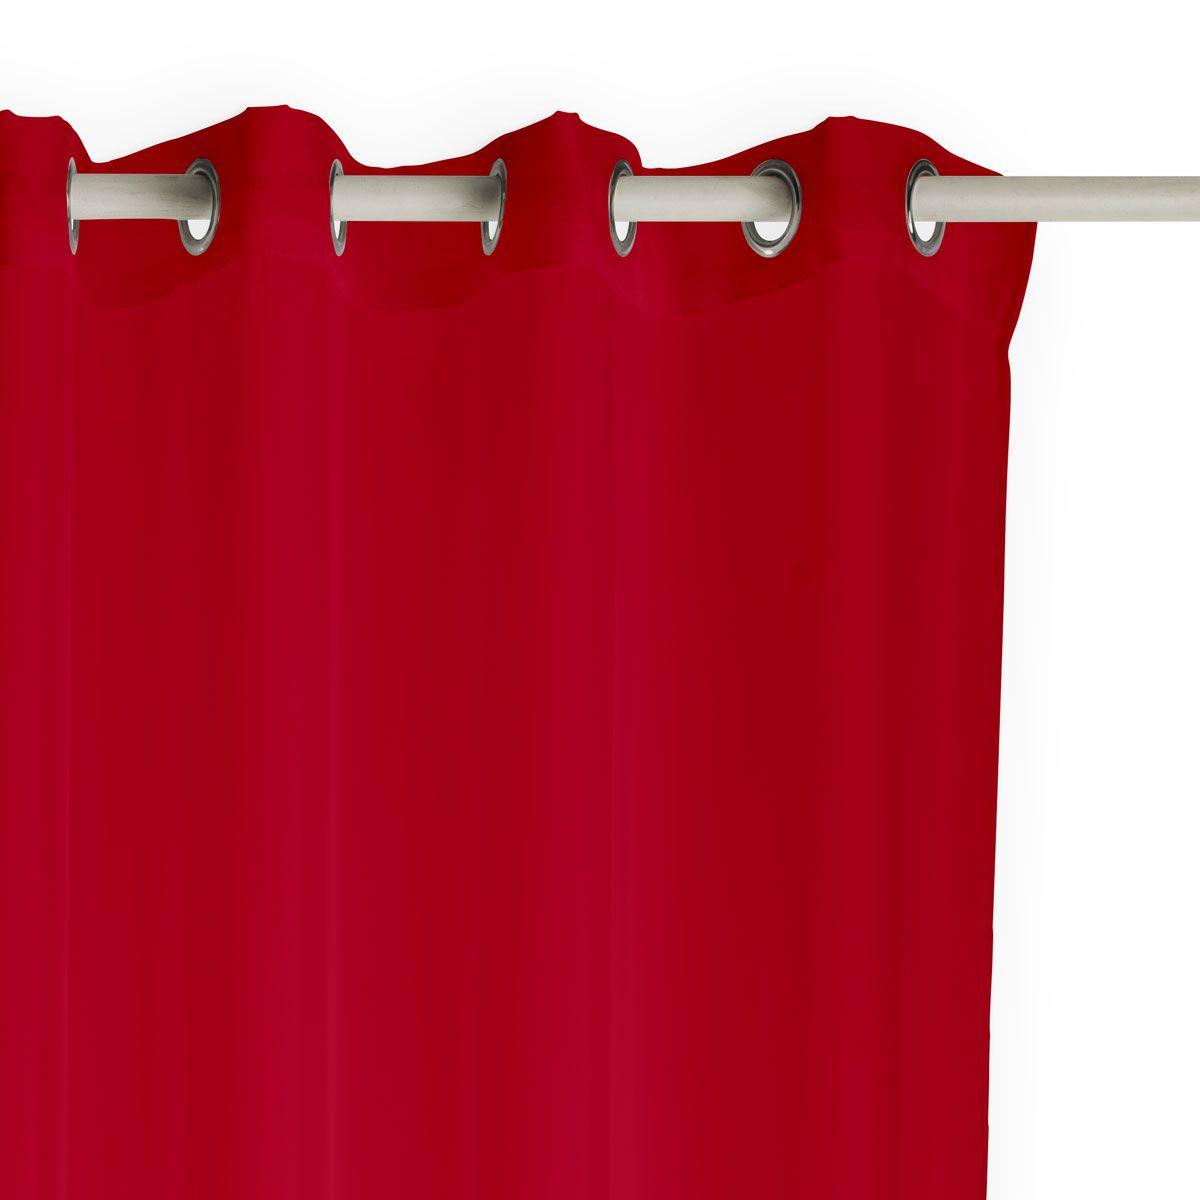 Rideau occultant rouge vif Soledad 140x260 cm